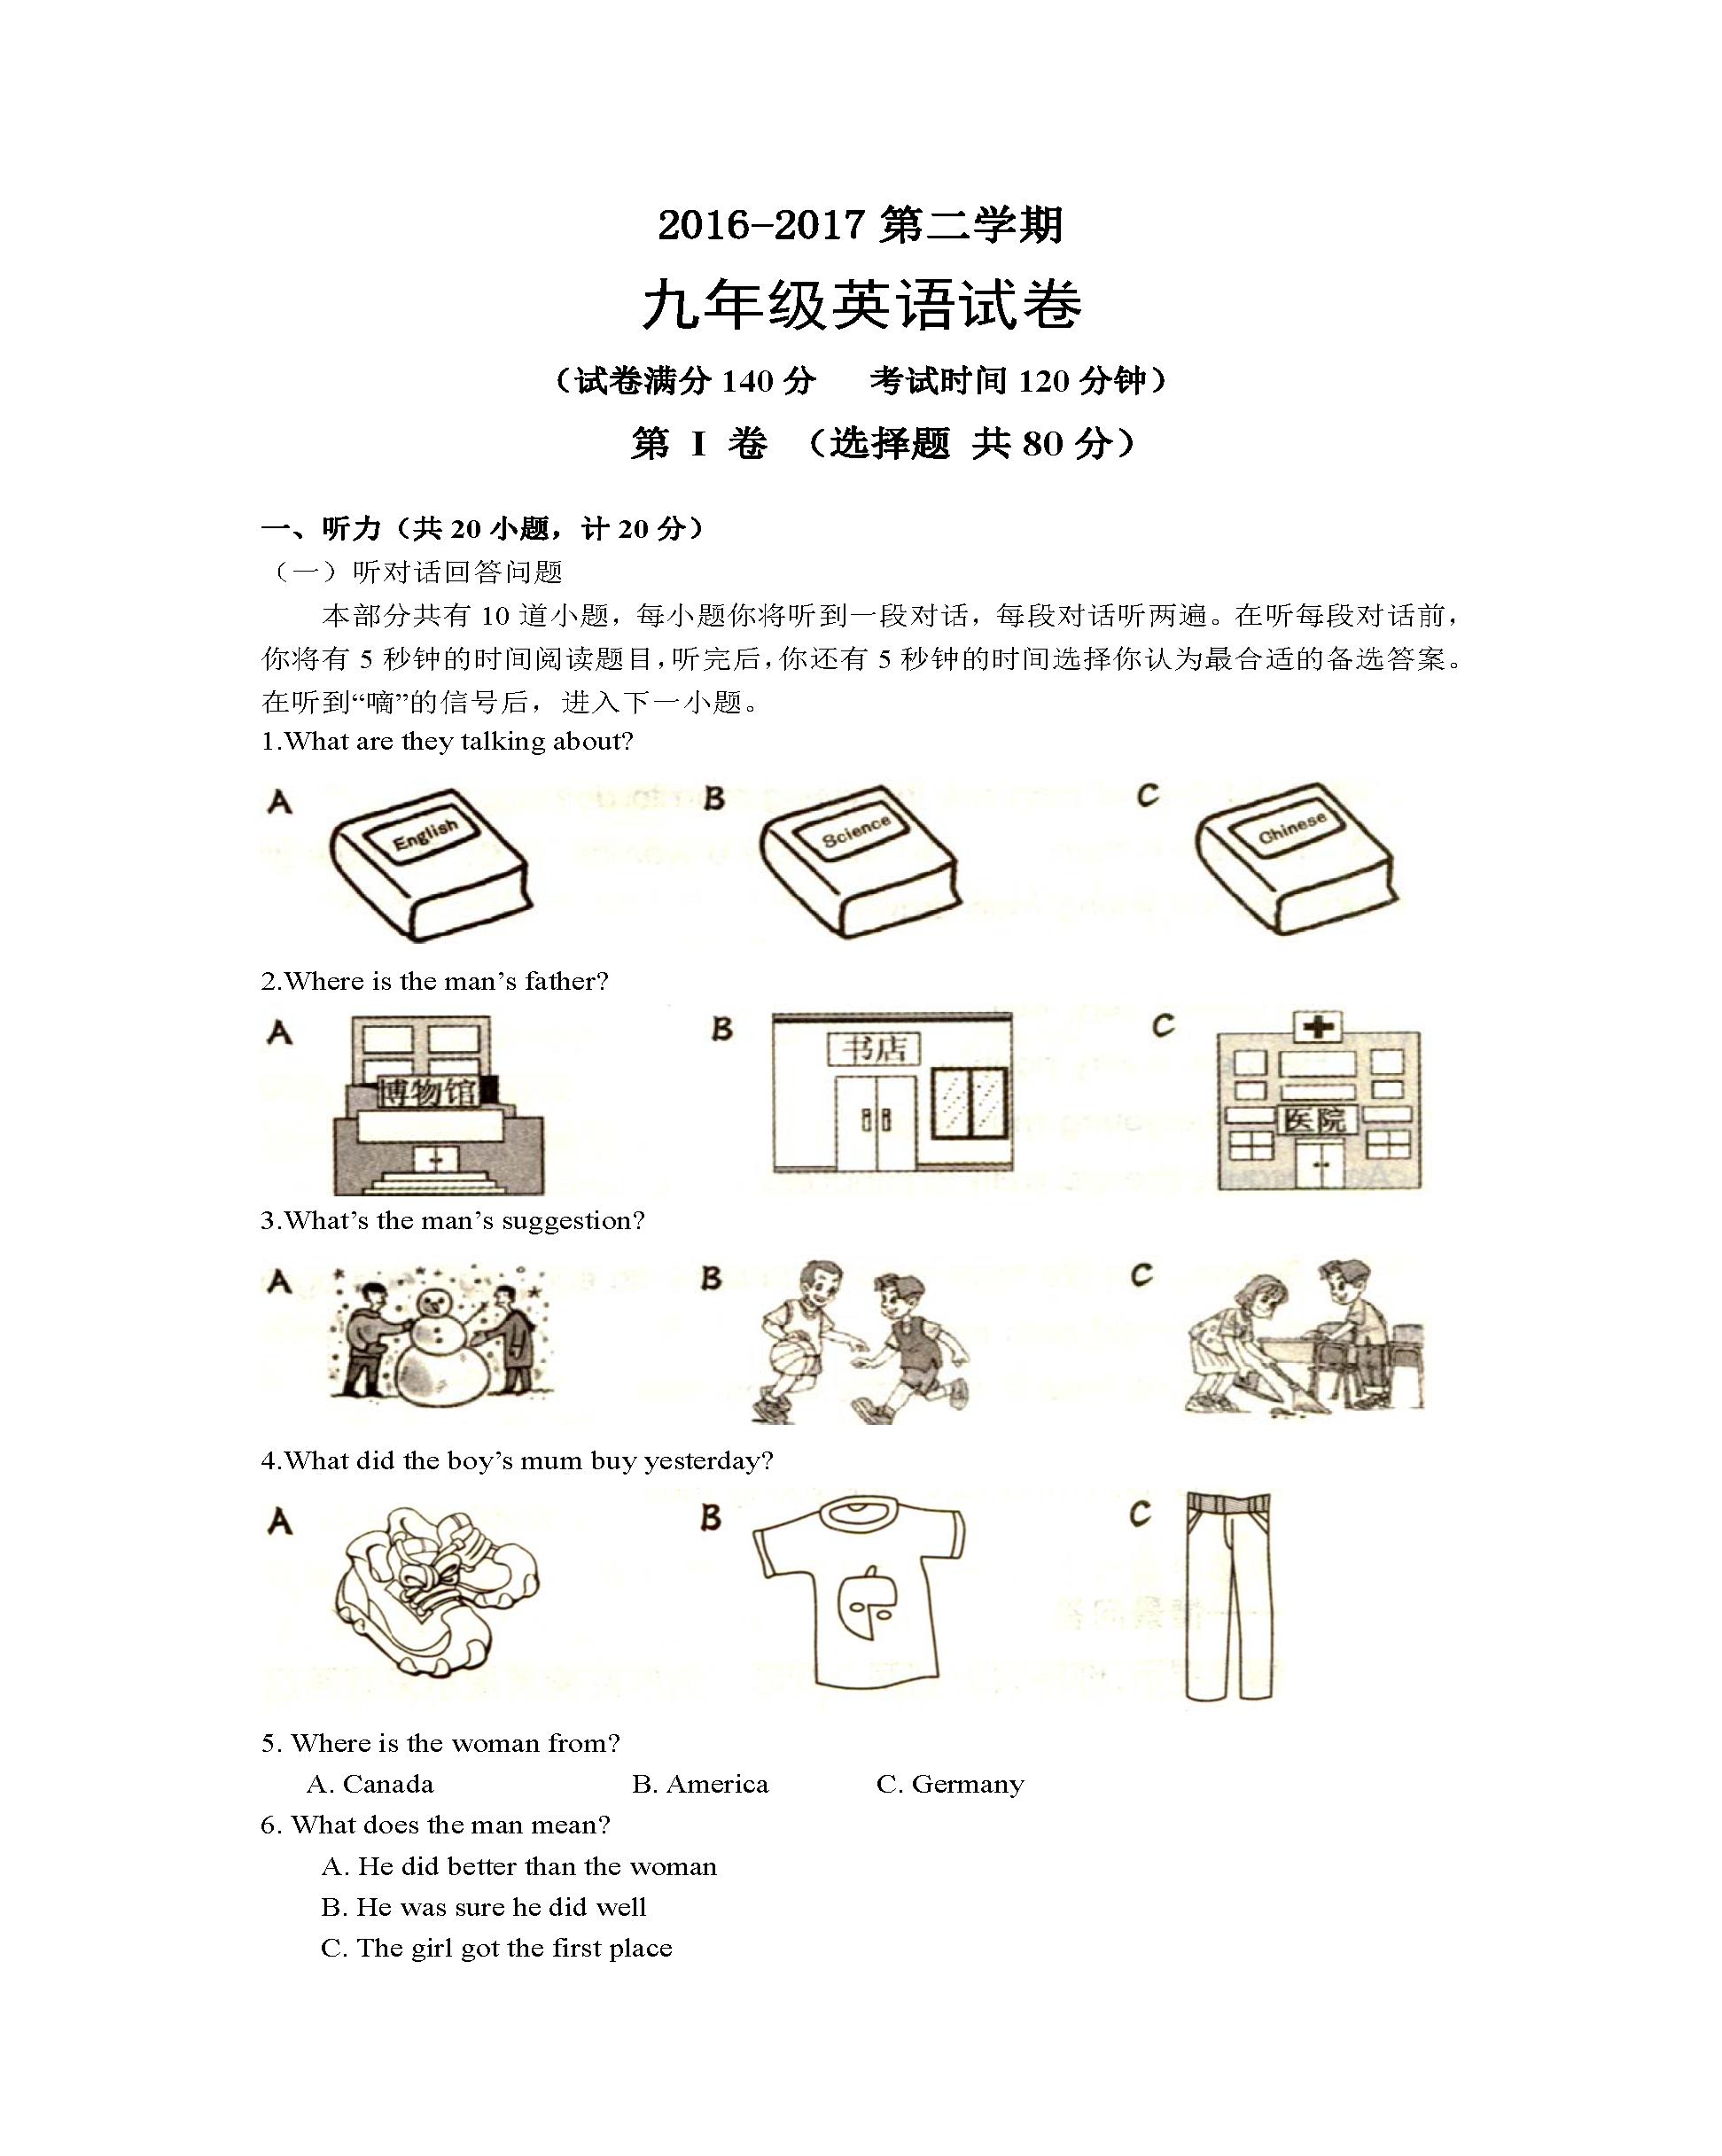 2017年江苏滨海坎北初级中学九年级下英语月考试题 (图片版)